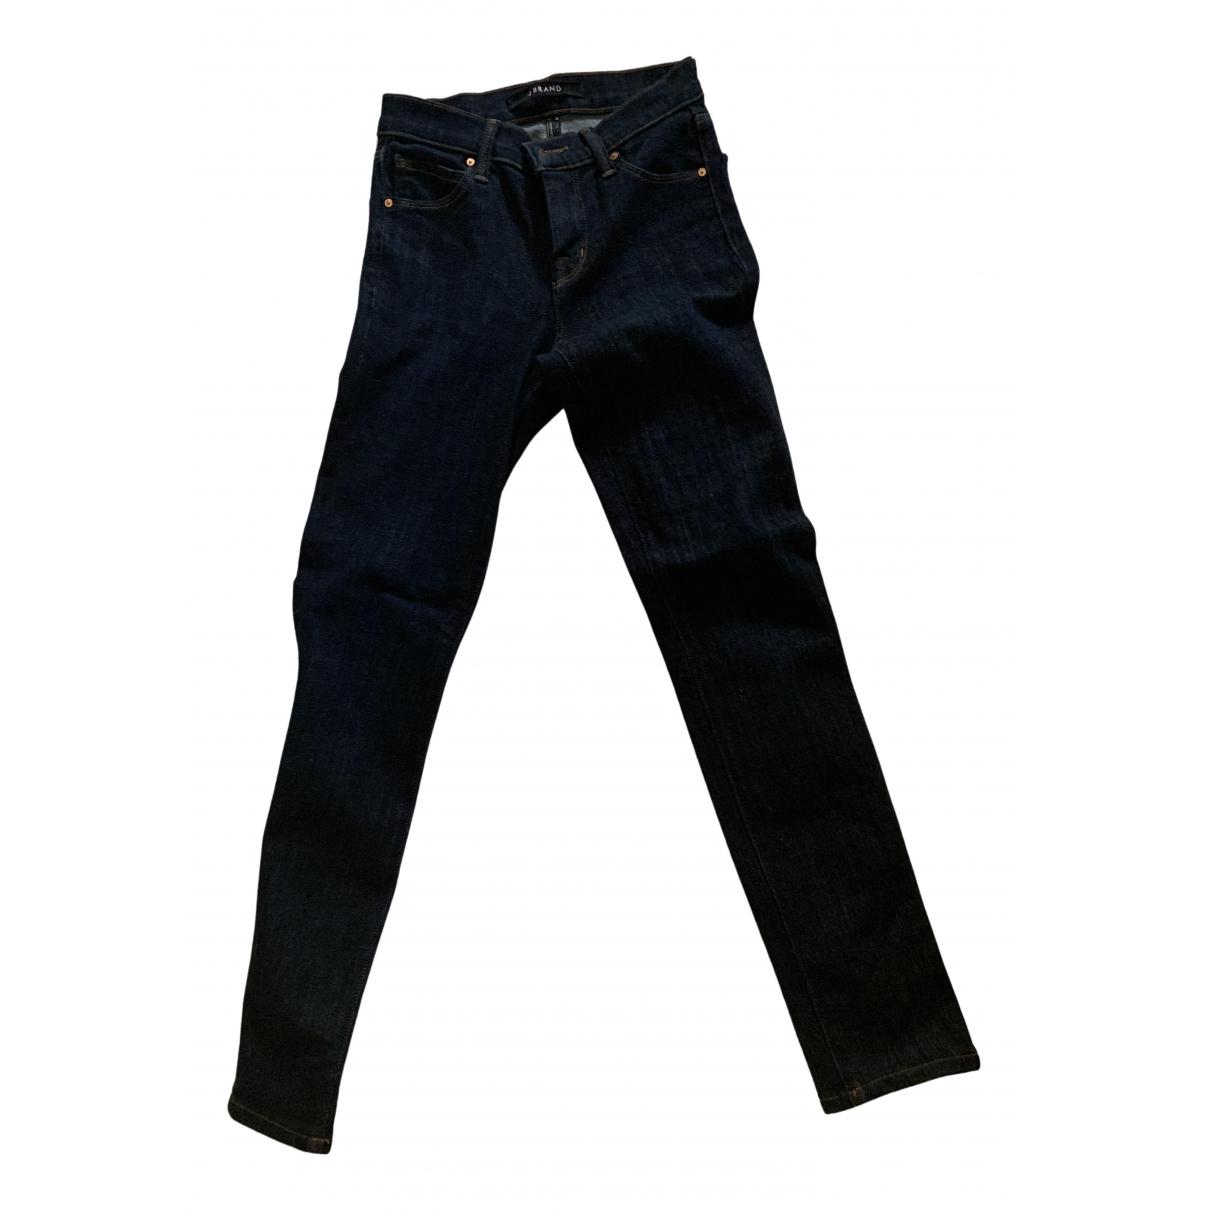 J Brand - Pantalon   pour enfant en denim - bleu